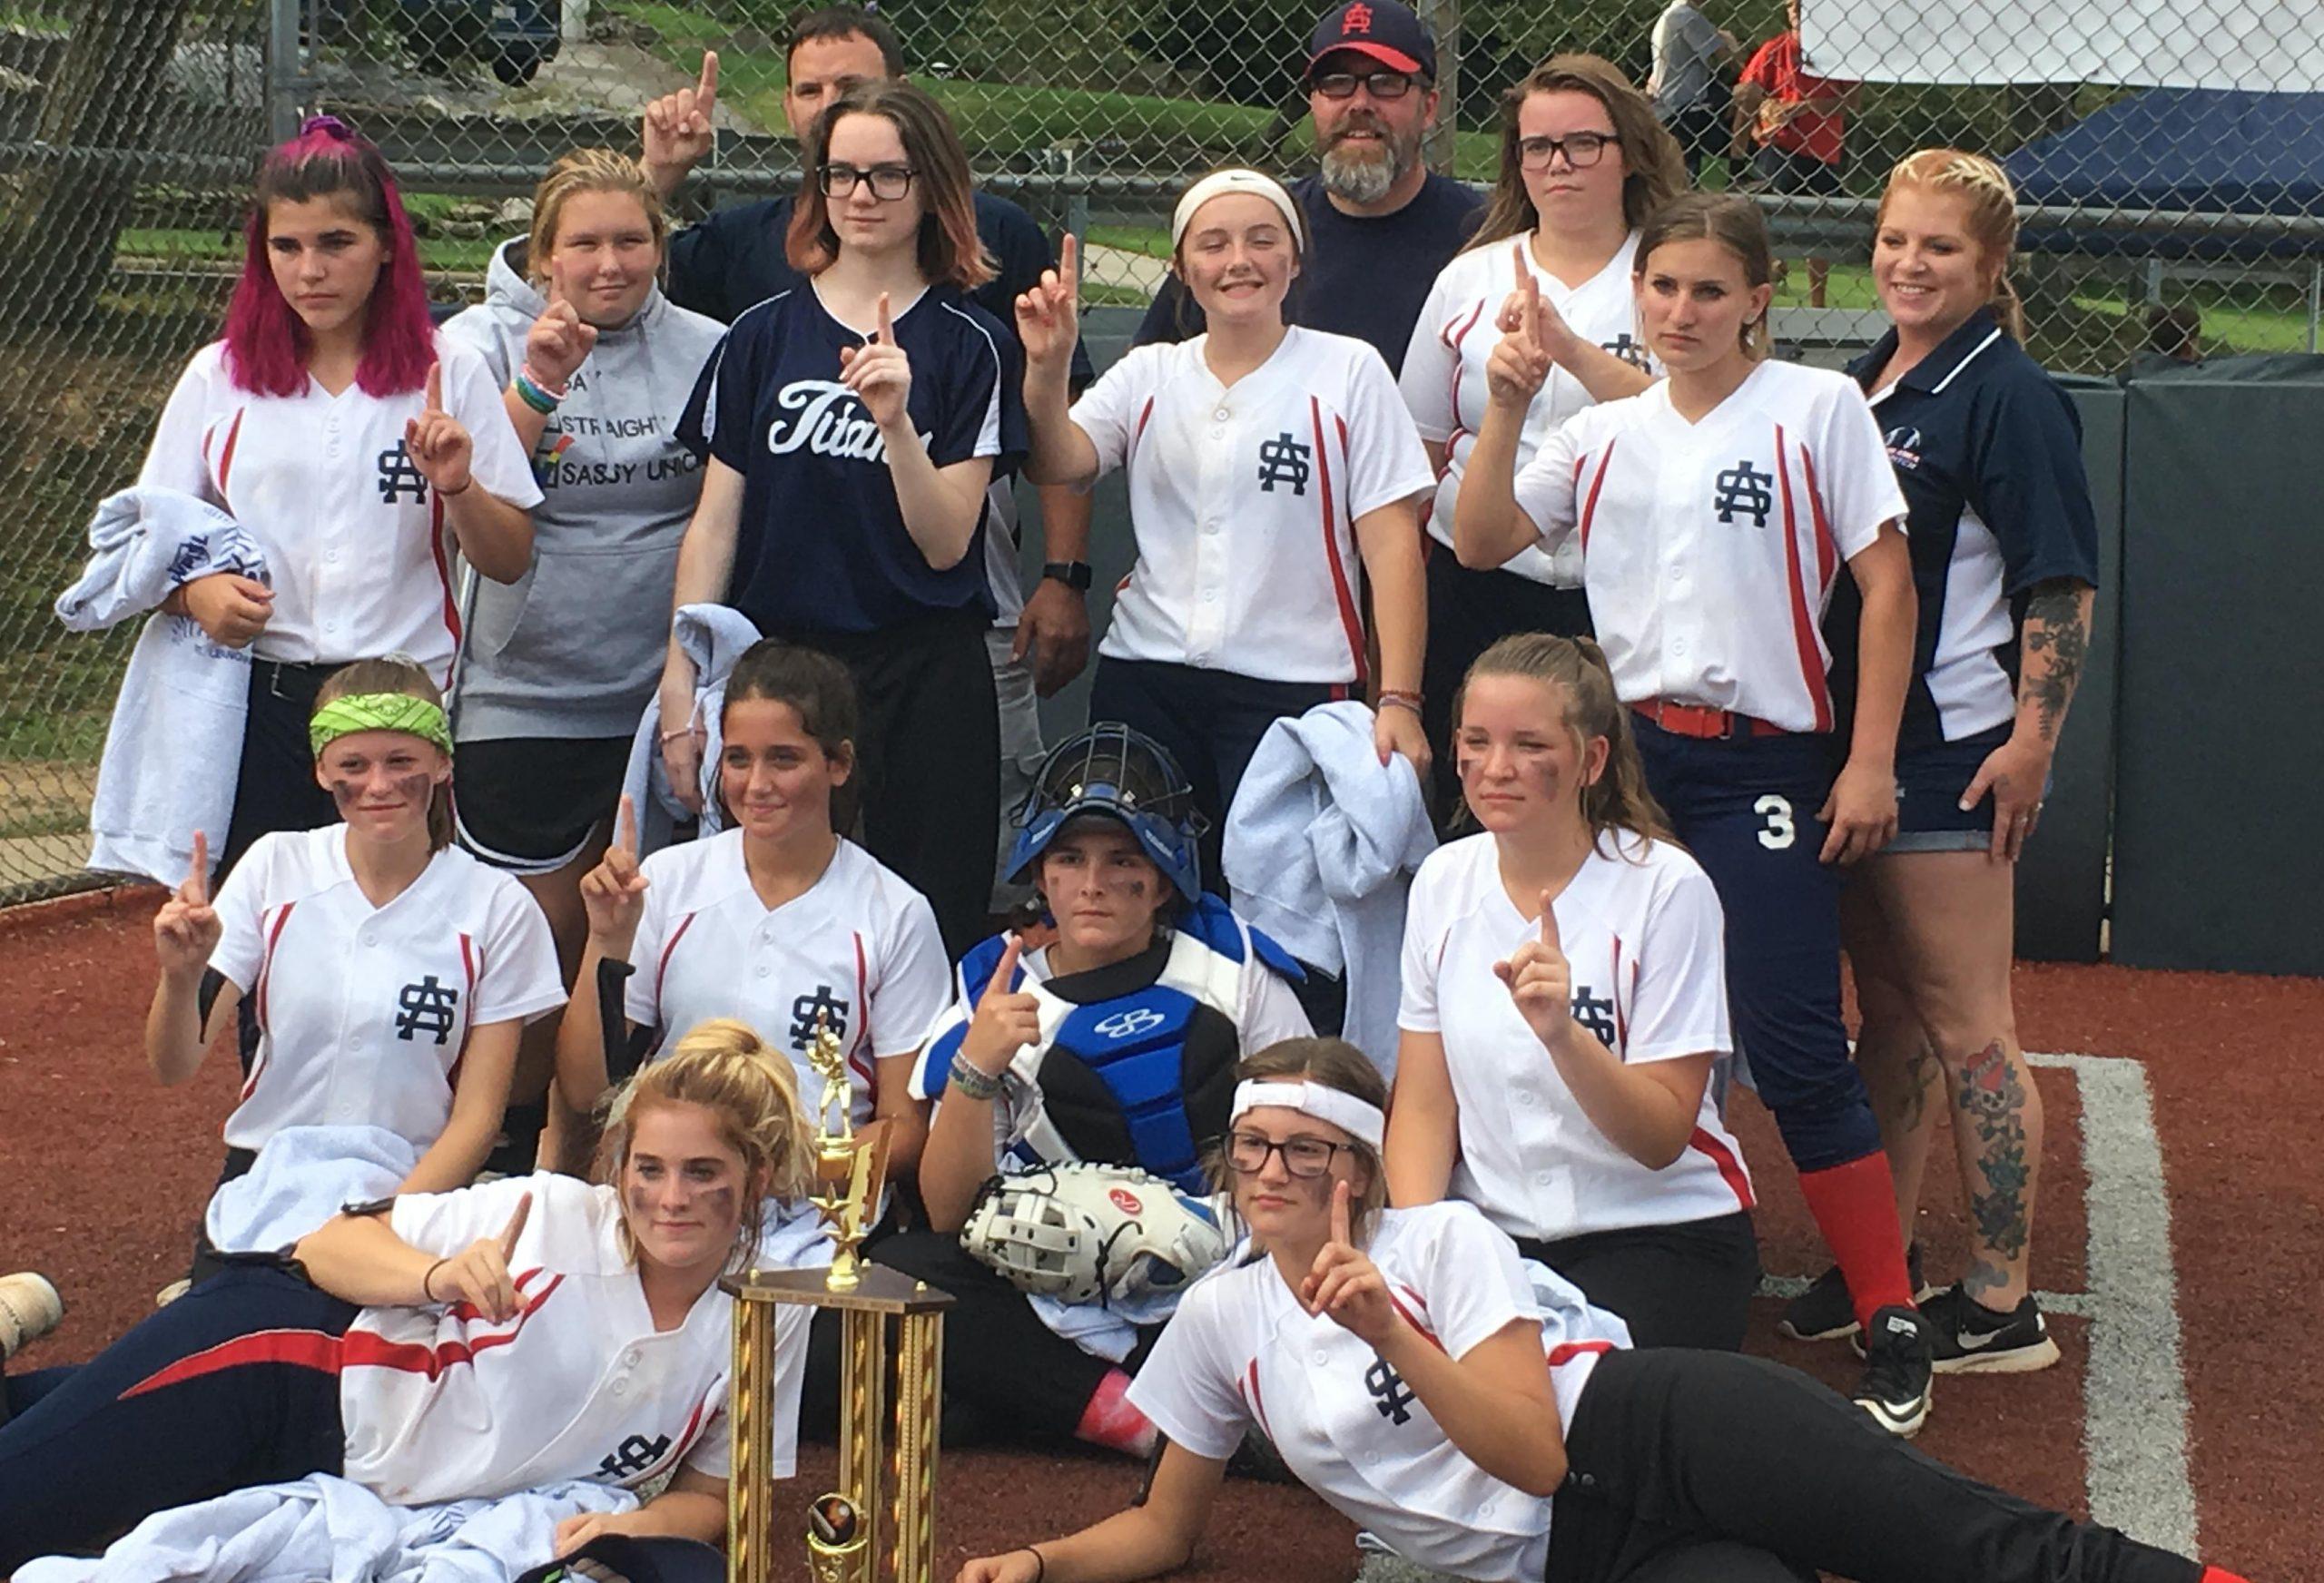 JV Team wins WPISL Tournament